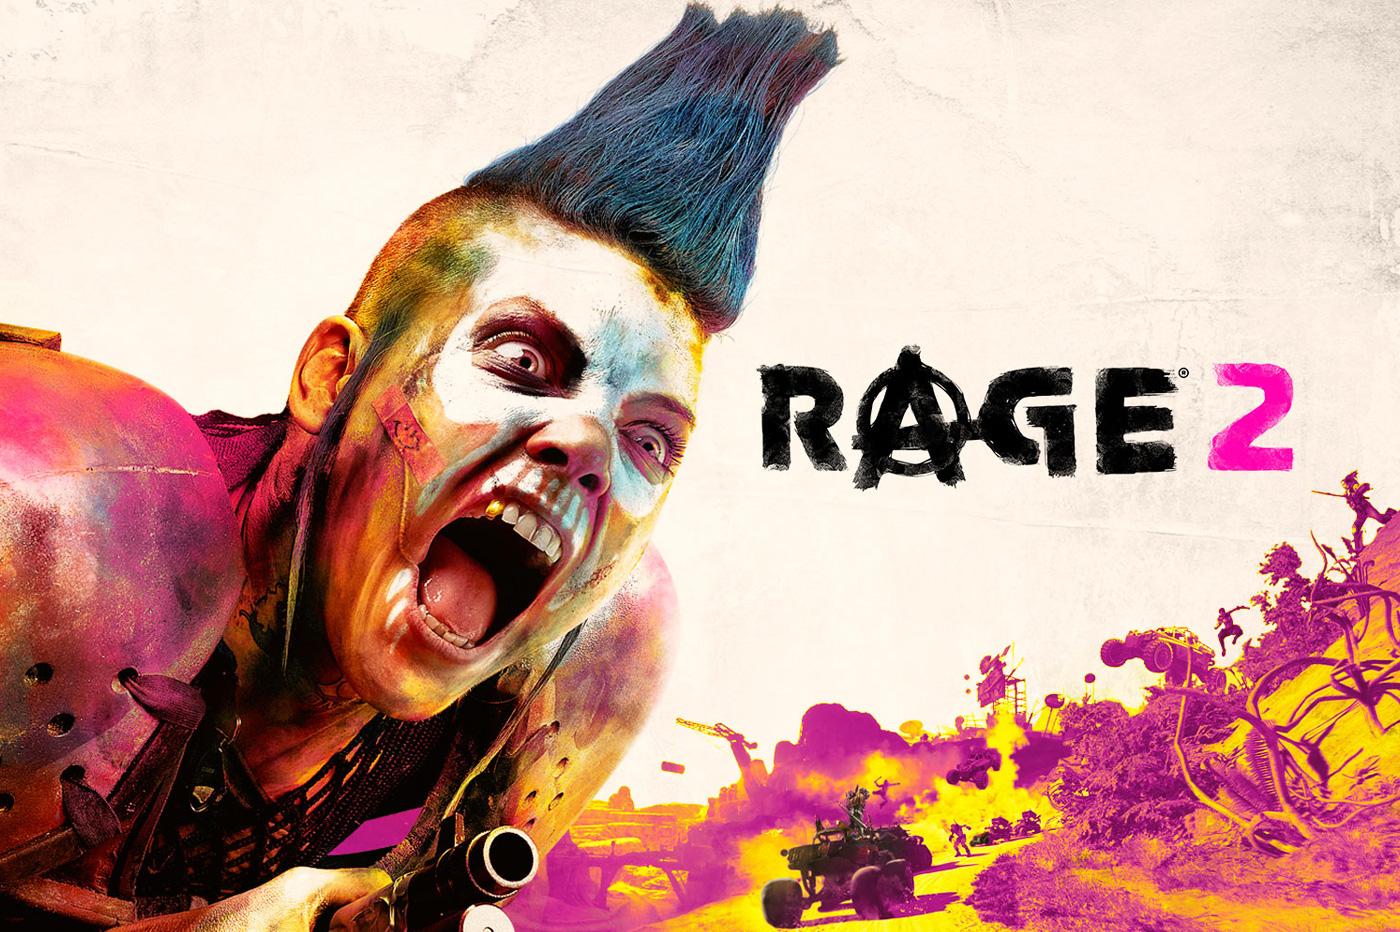 test rage 2 xbox one x